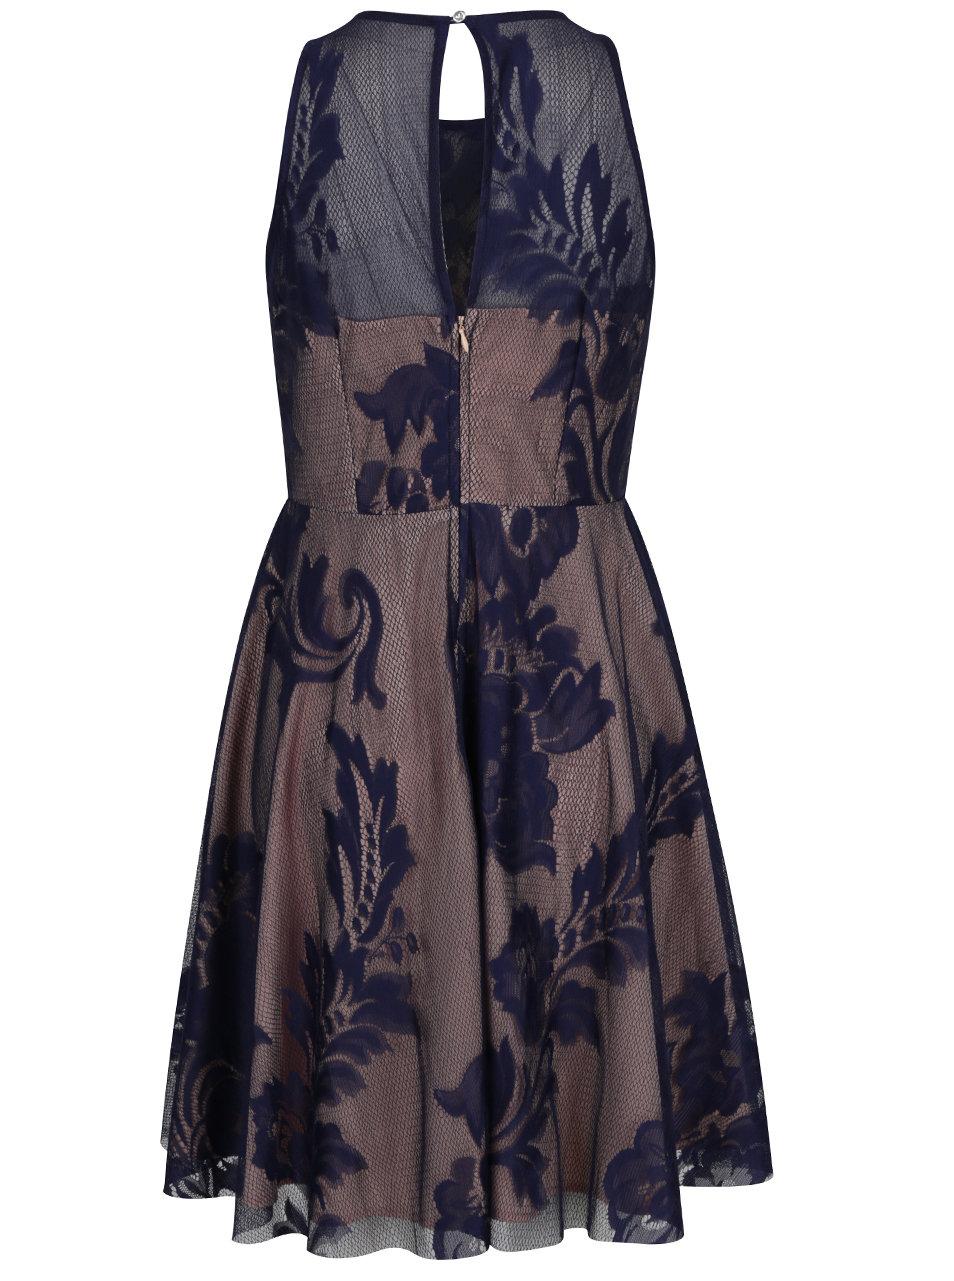 Tmavě modré krajkové šaty Little Mistress ... e69f6978f26